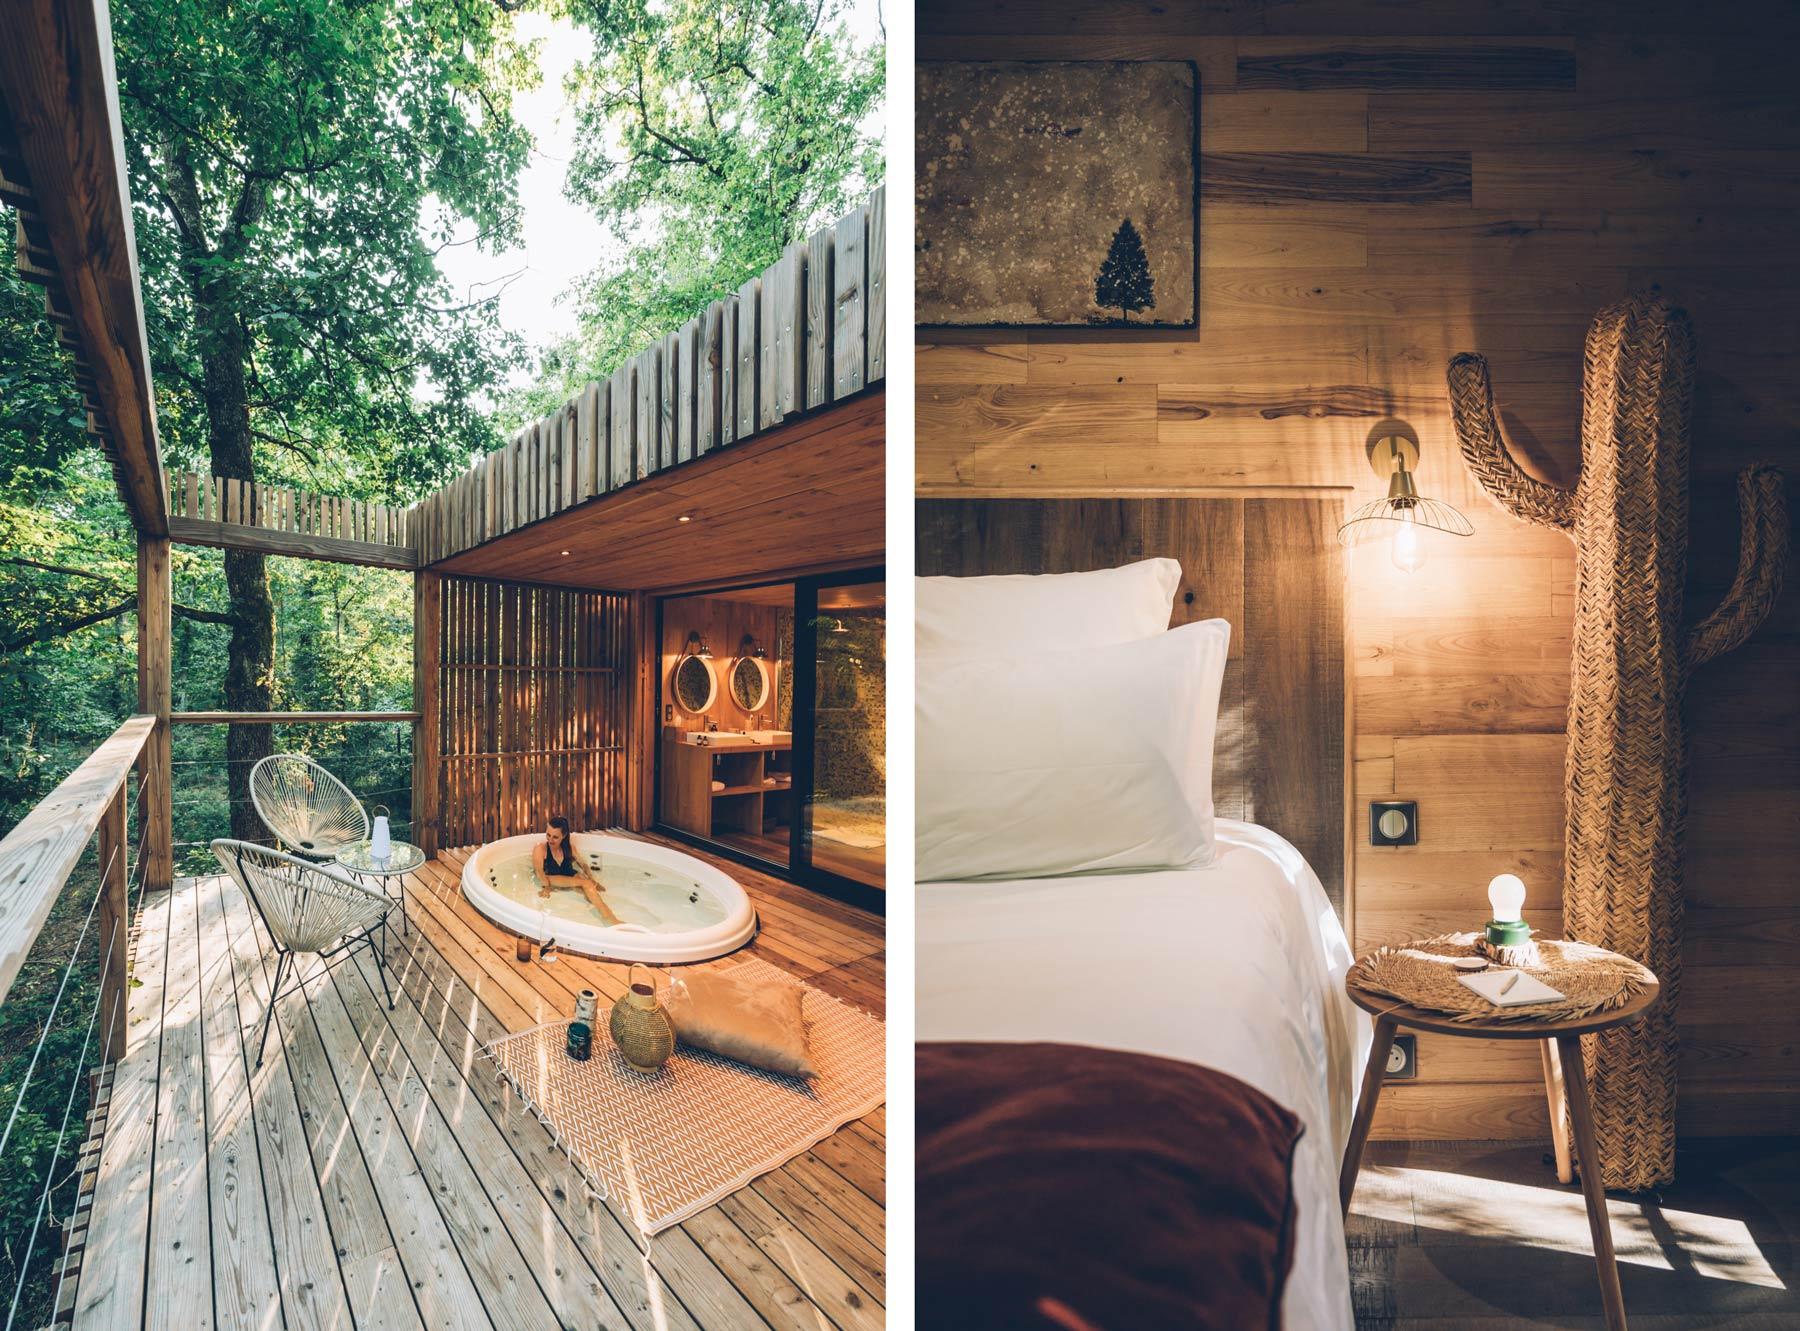 Cabane de luxe dans les arbres en France